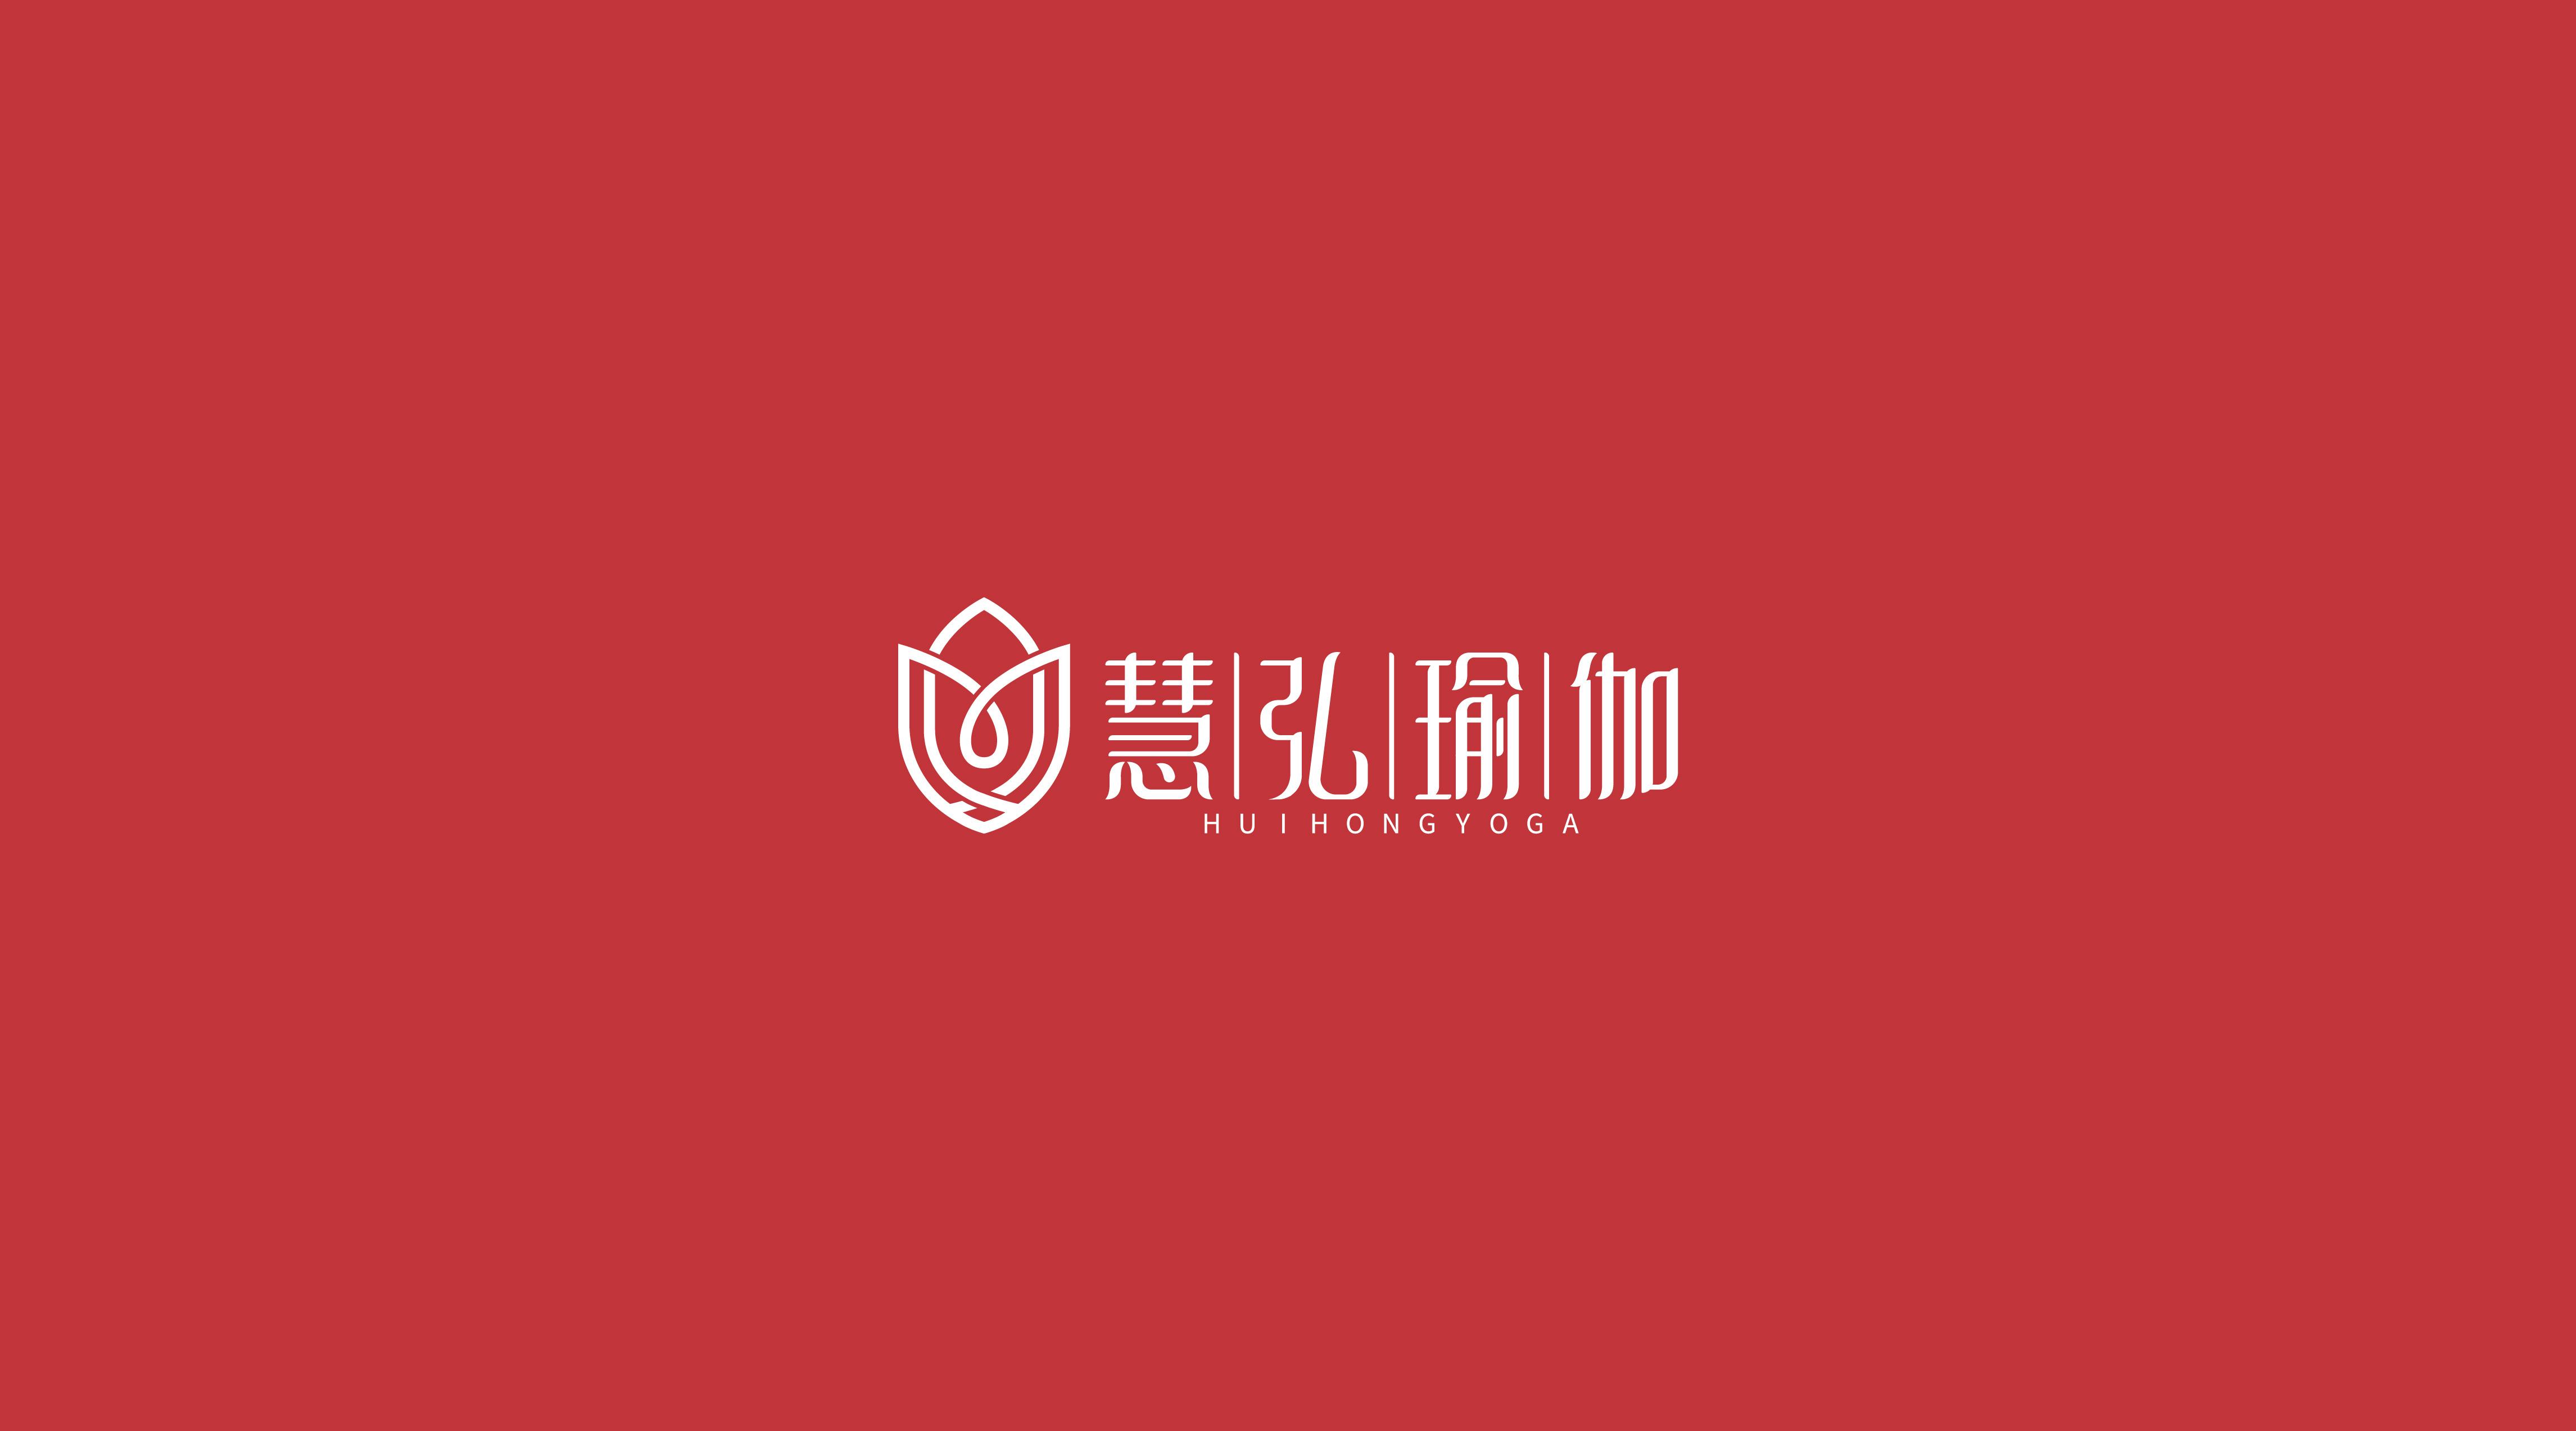 慧弘瑜伽logo&vi品牌设计图片